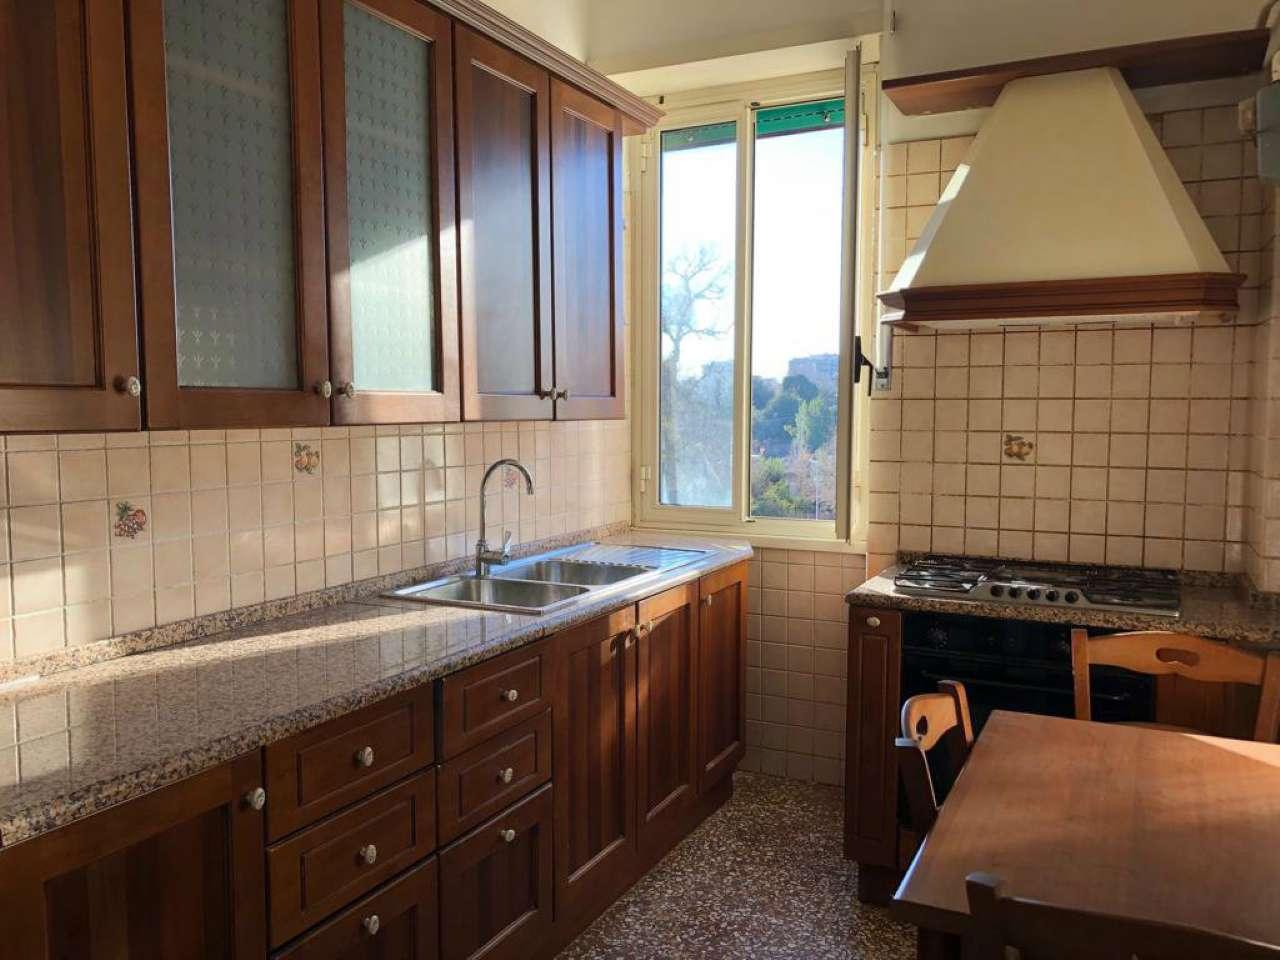 Appartamento in vendita a Roma, 2 locali, zona Zona: 10 . Pigneto, Largo Preneste, prezzo € 178.000 | CambioCasa.it